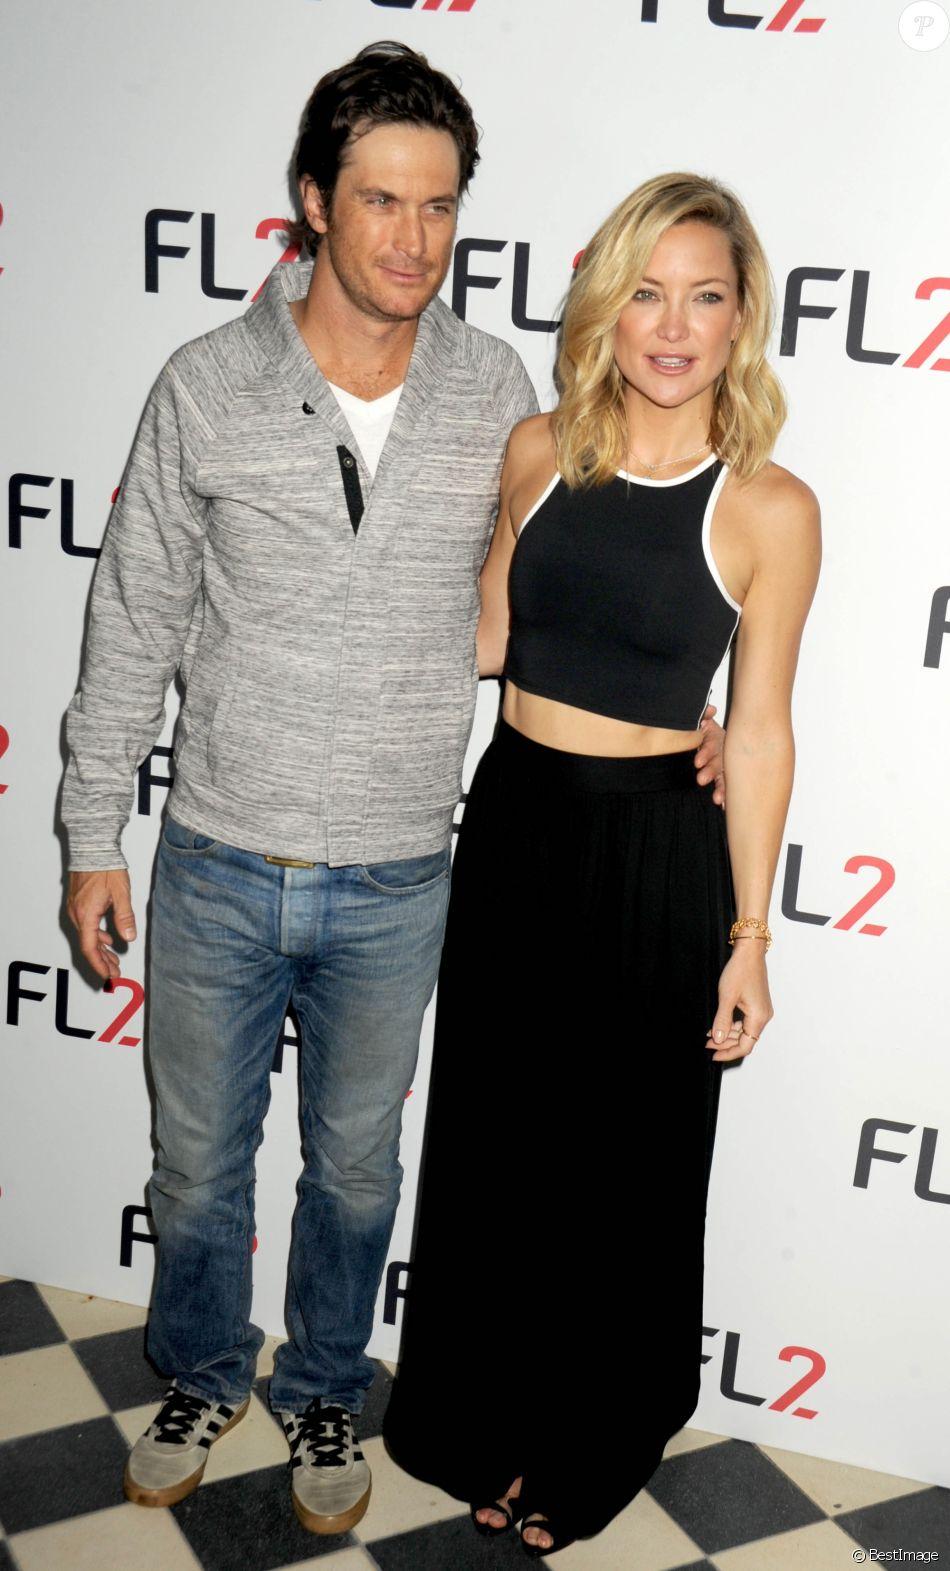 Kate Hudson et son frère Oliver Hudson au lancement de la collection FL2 à New York le 4 juin 2015.